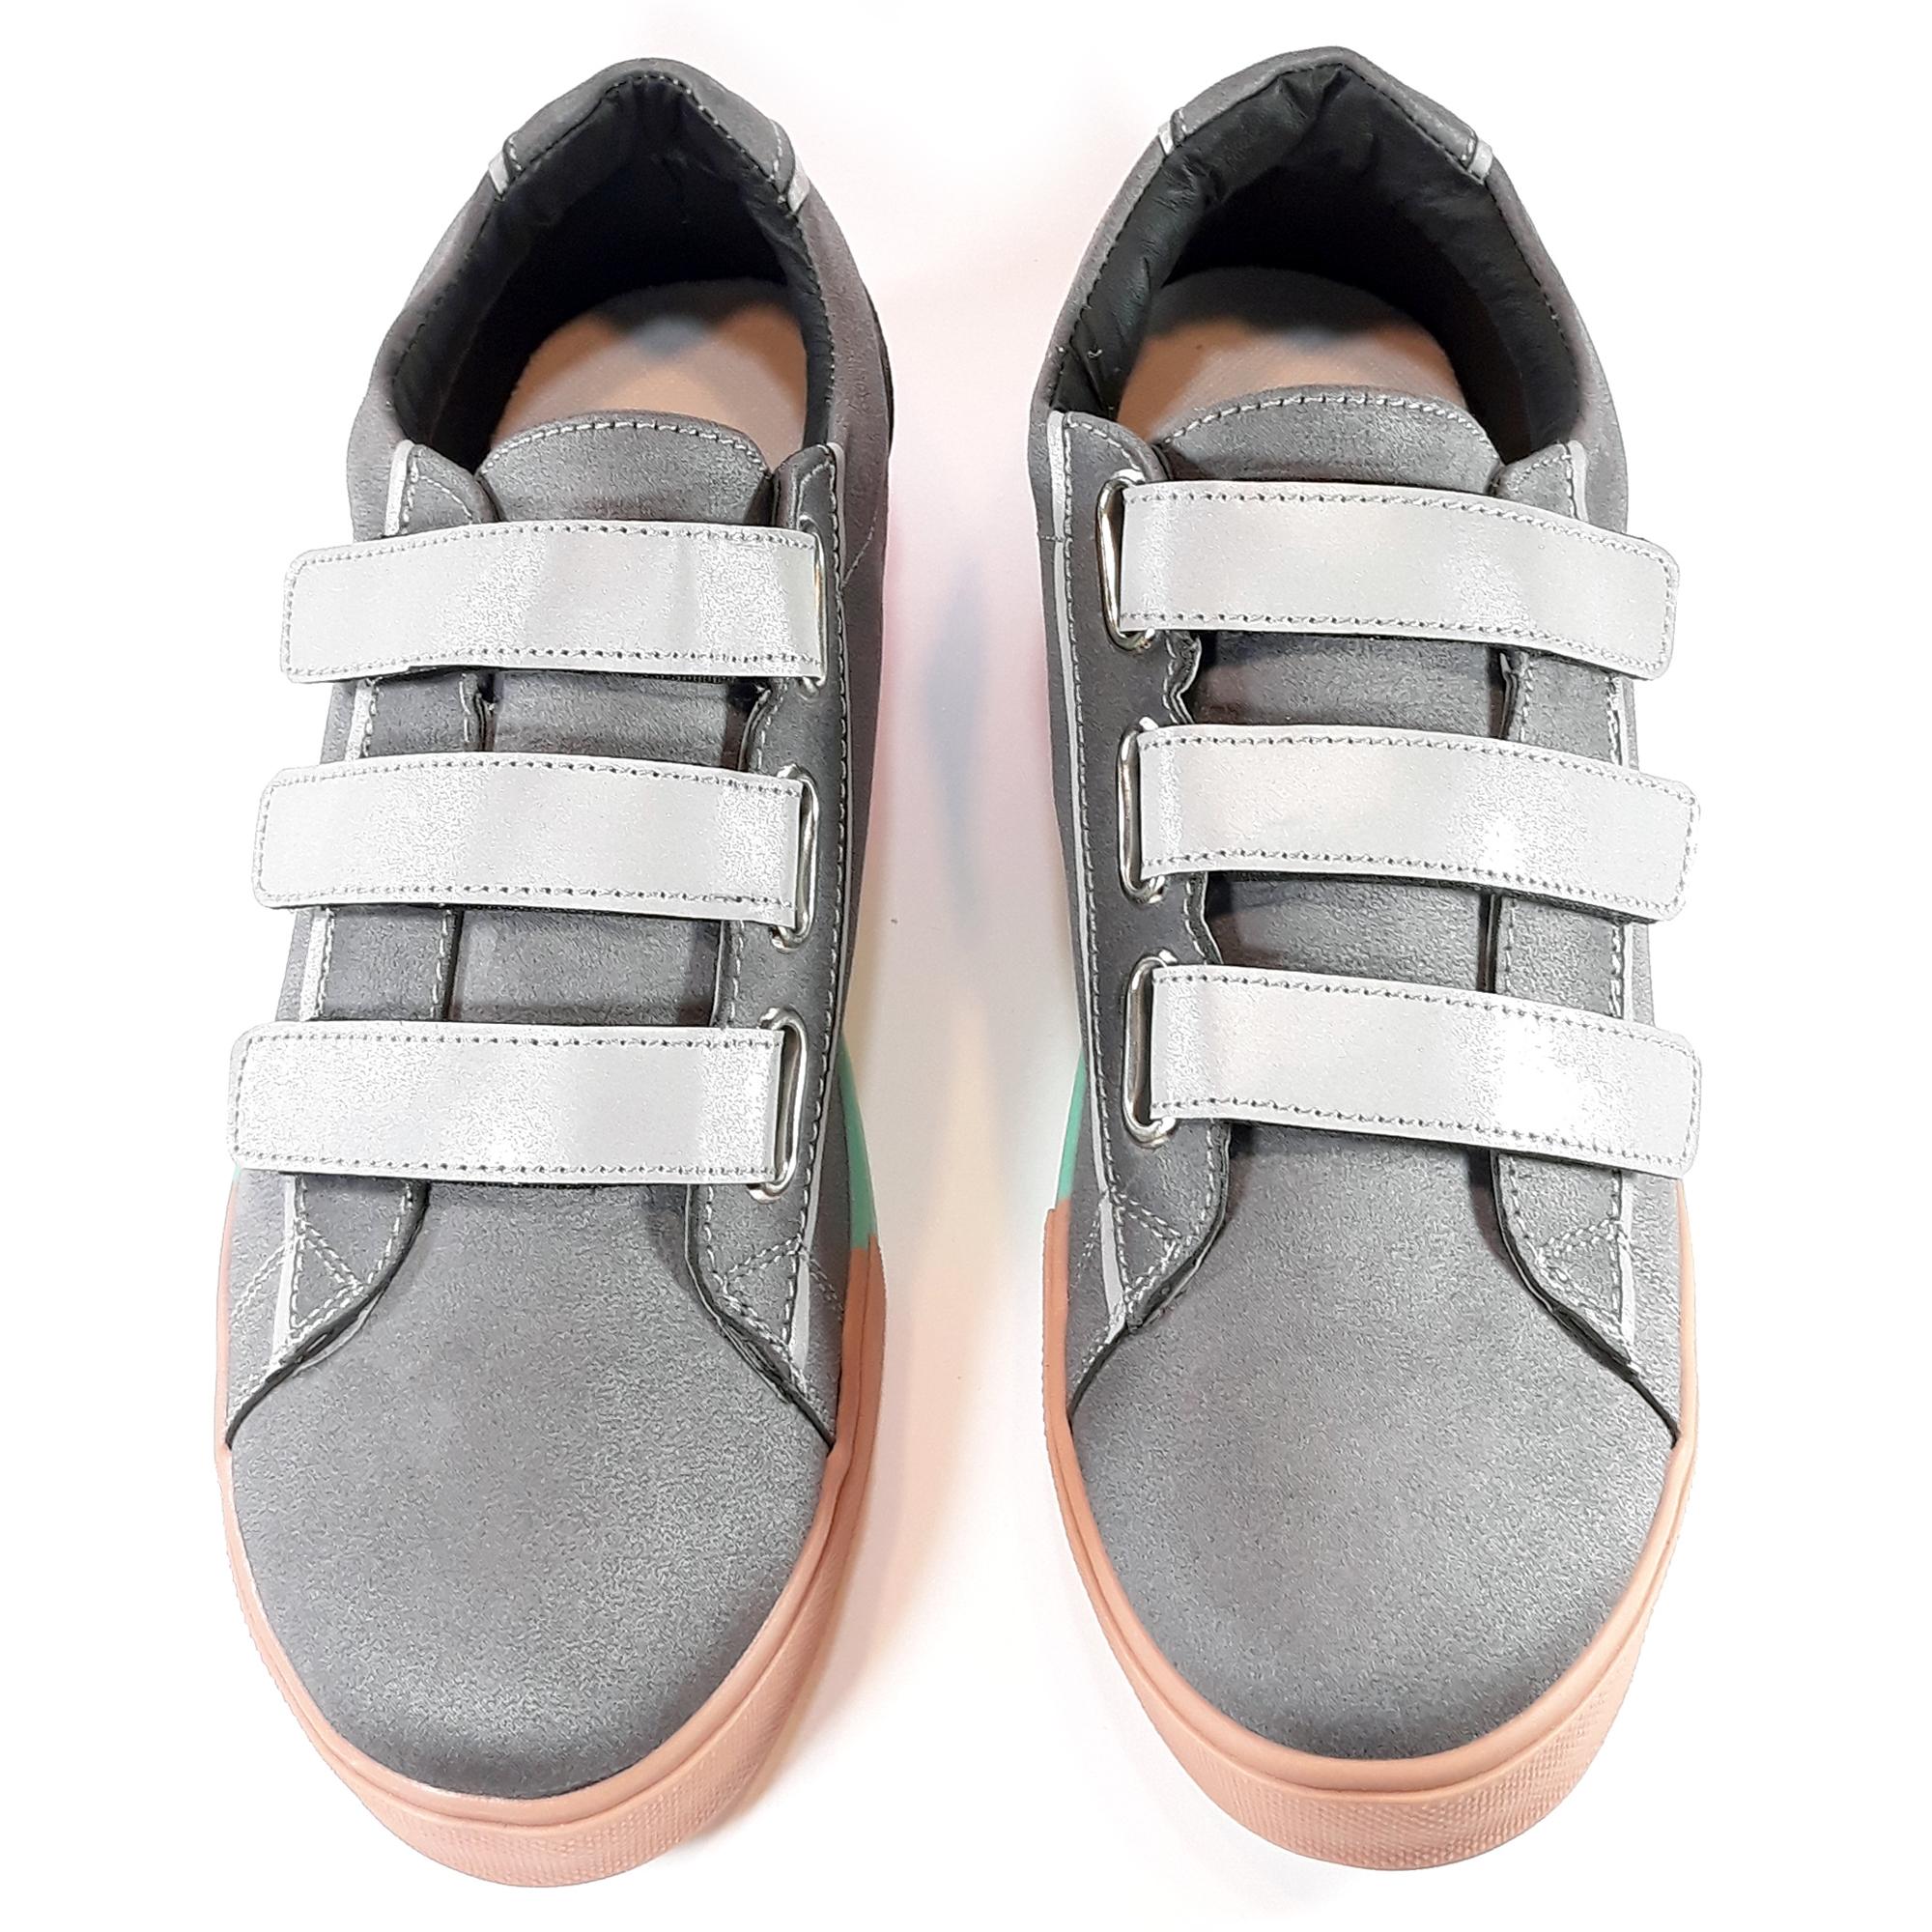 کفش روزمره زنانه کد 1106ST -  - 6